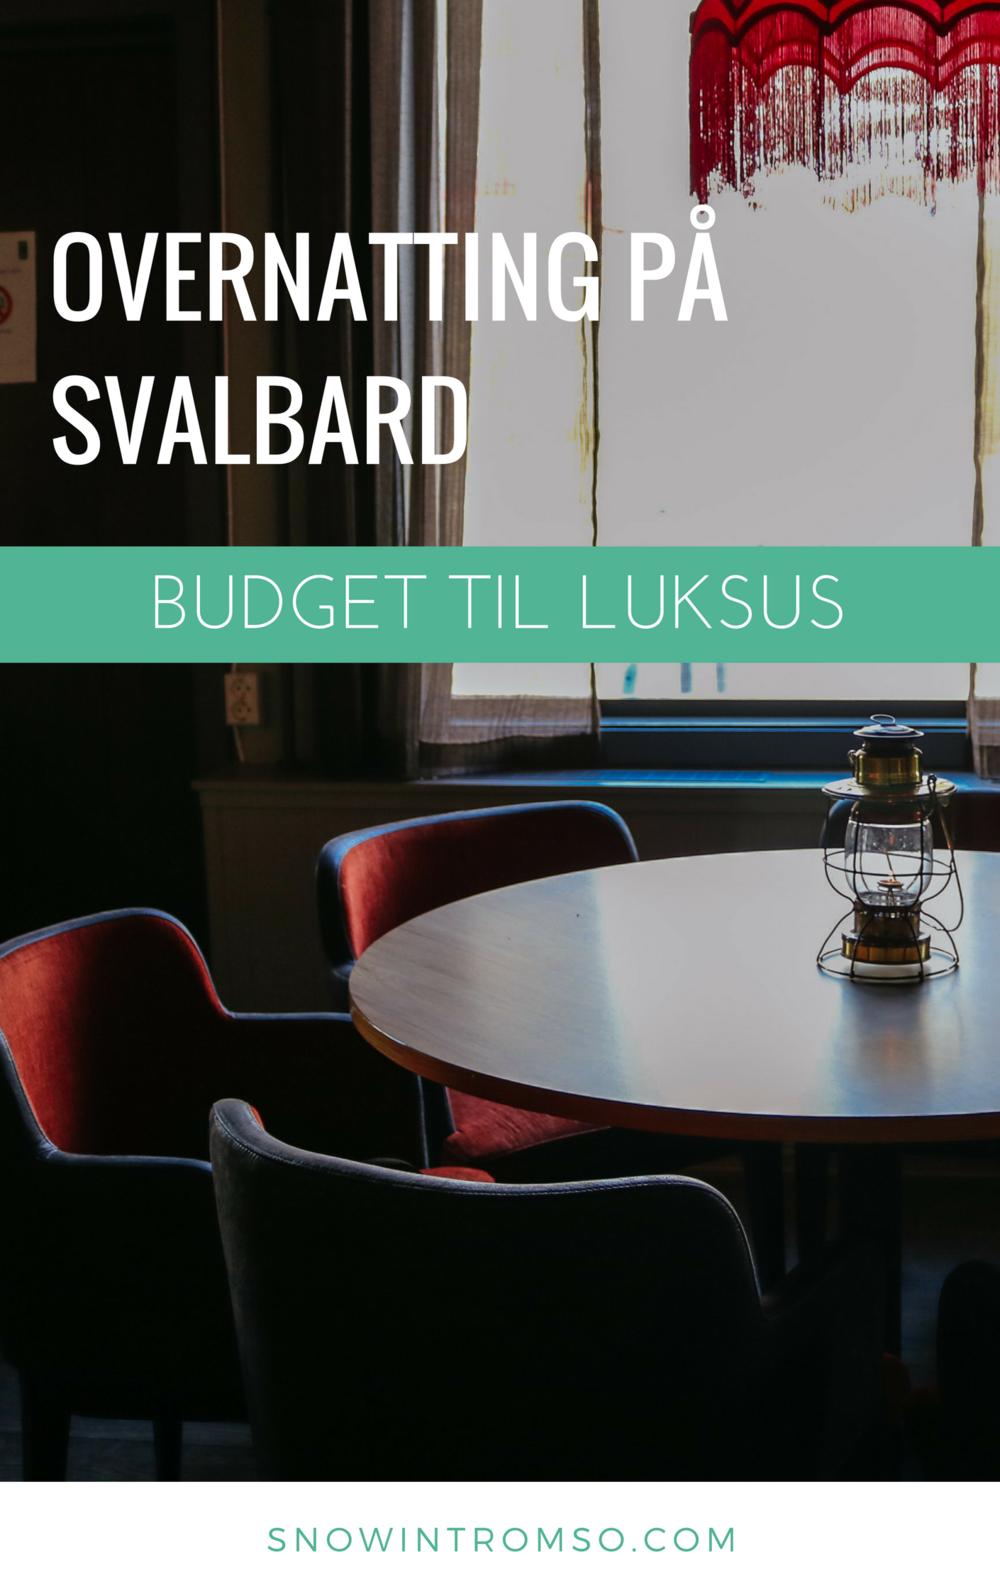 I denne artikkelen vil jeg gi deg en oversikt over alle overnattingsalternativene som er tilgjengelige i Longyearbyen, sammen med noen råd om hvordan/hvor du finner de beste tilbudene!